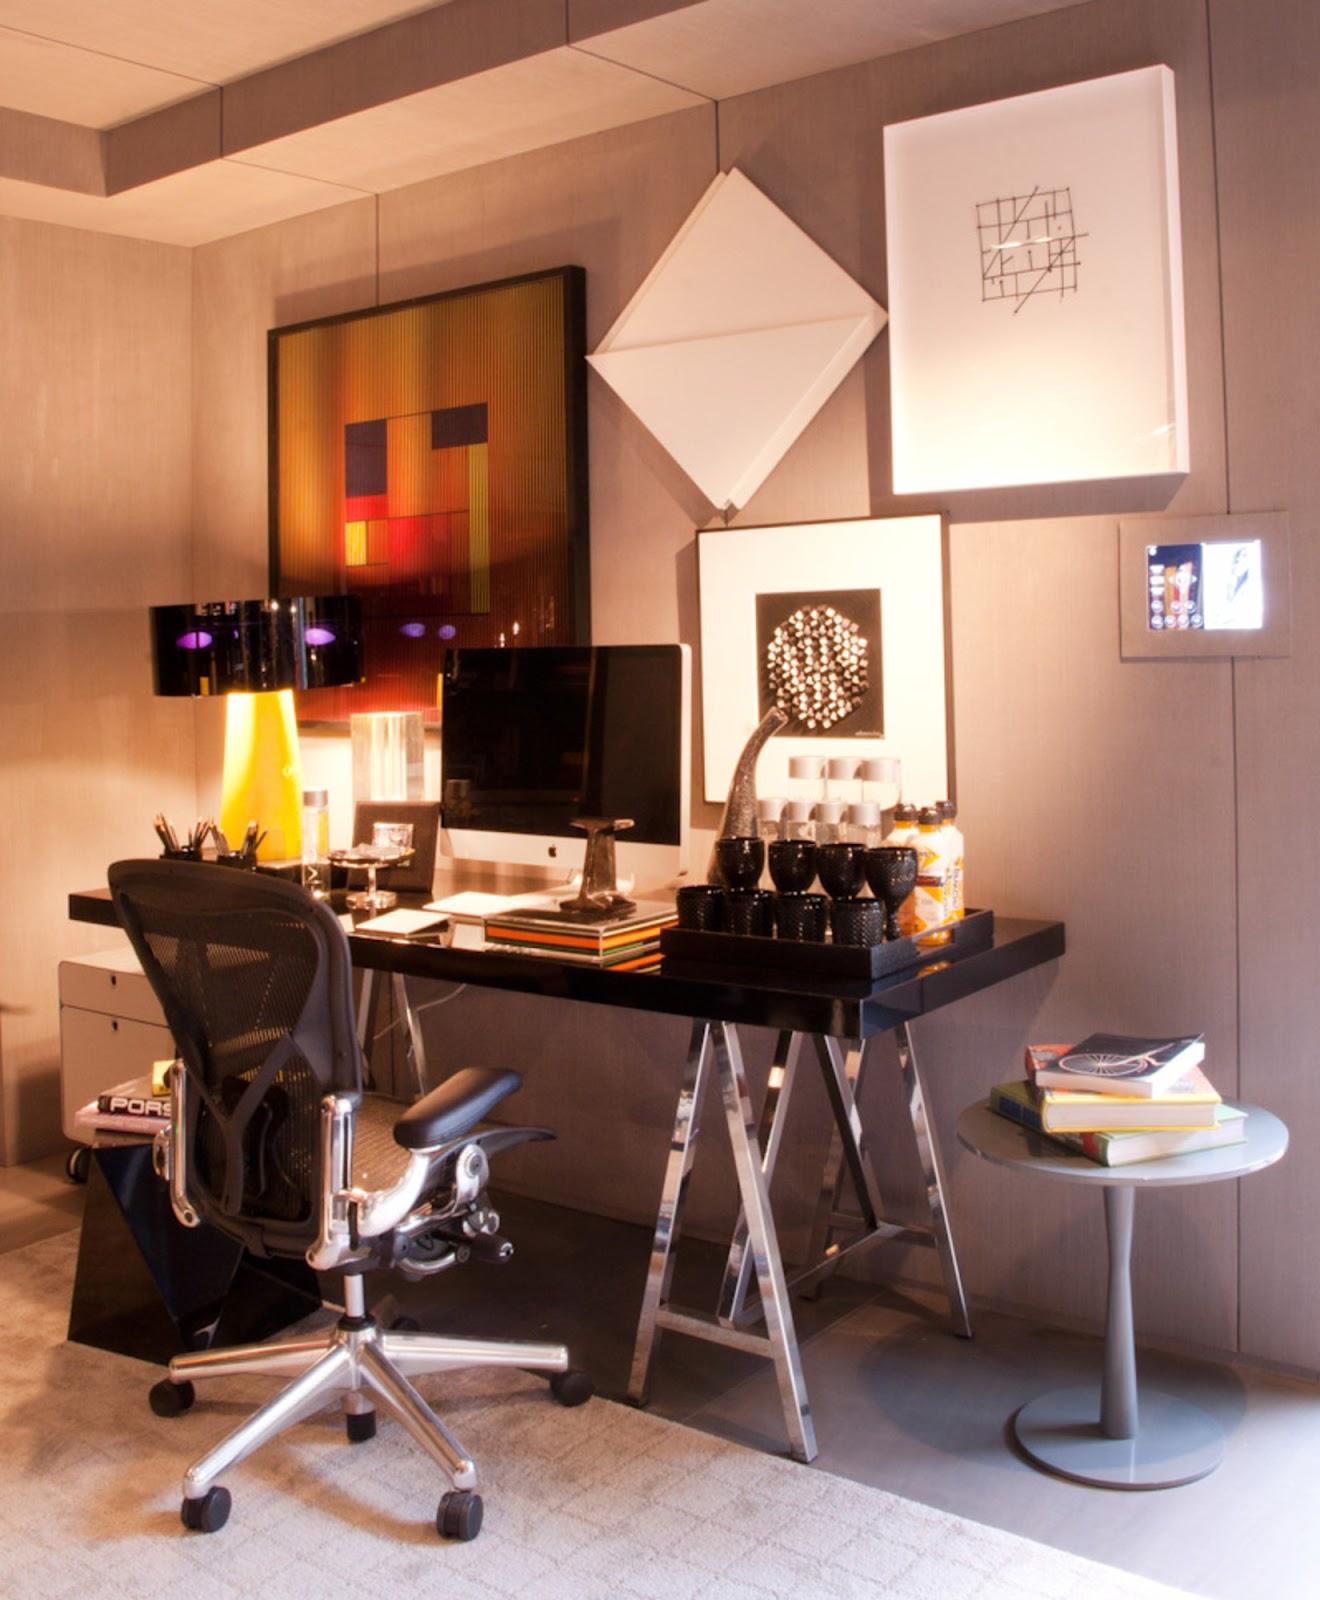 Home office com mesa cavalete de aço inox e tampo em laca brilhante  #B53A16 1320x1600